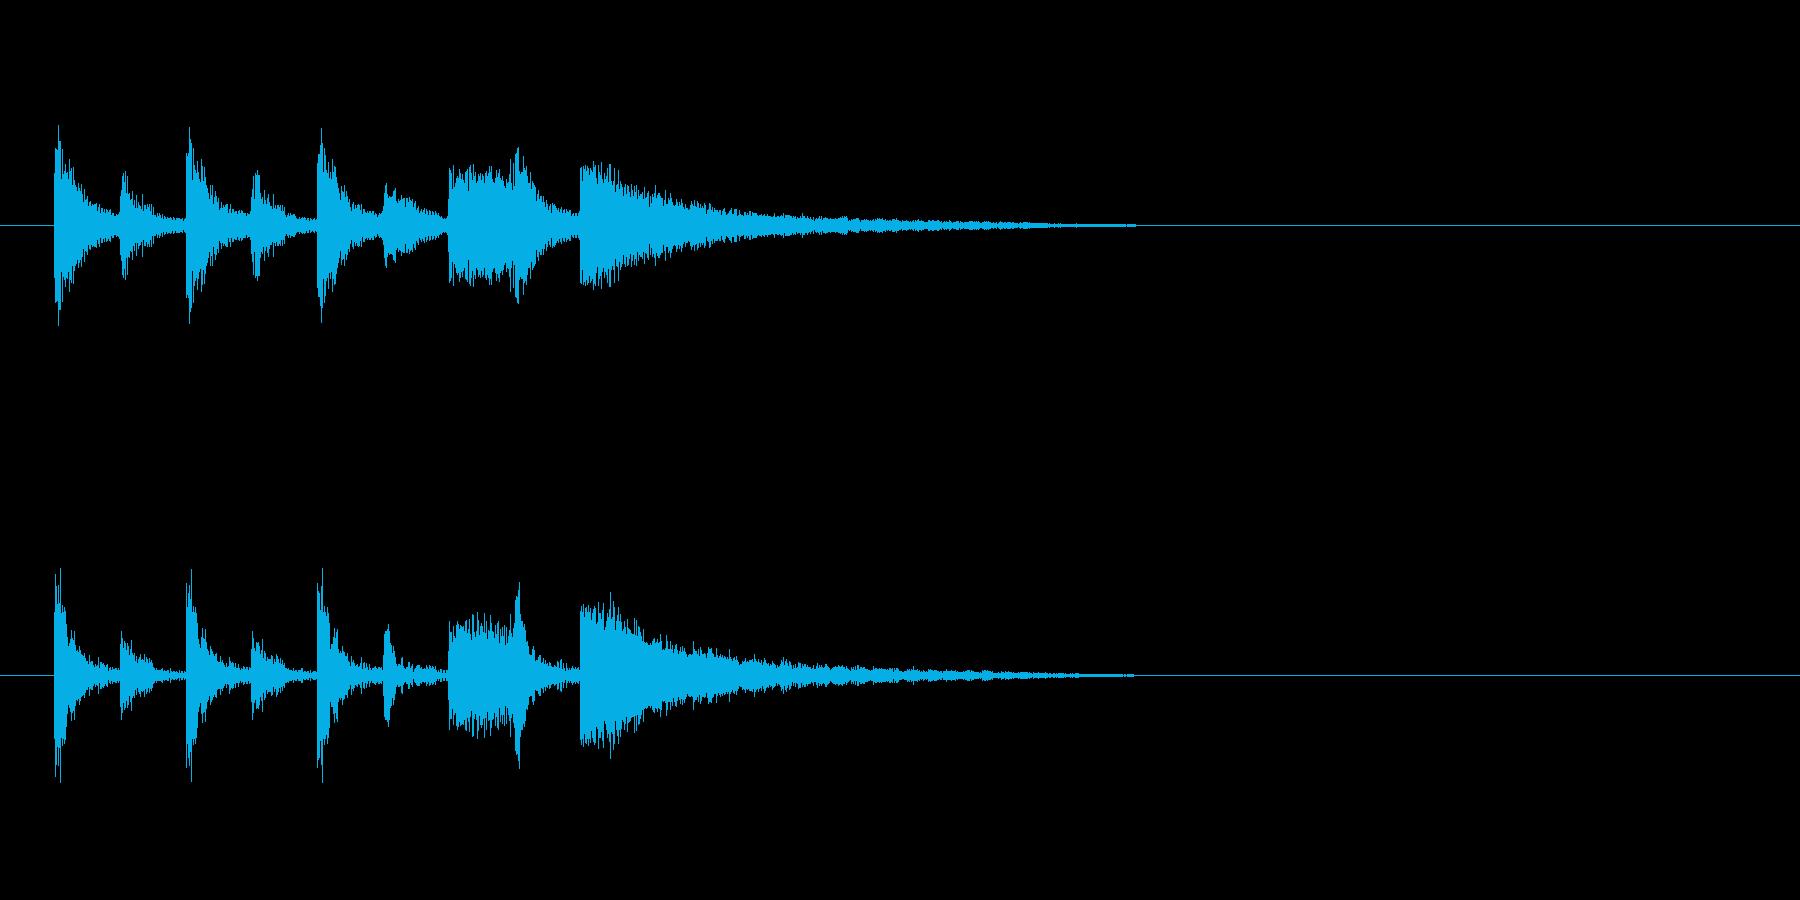 ステージクリア時の軽快なジングル1の再生済みの波形